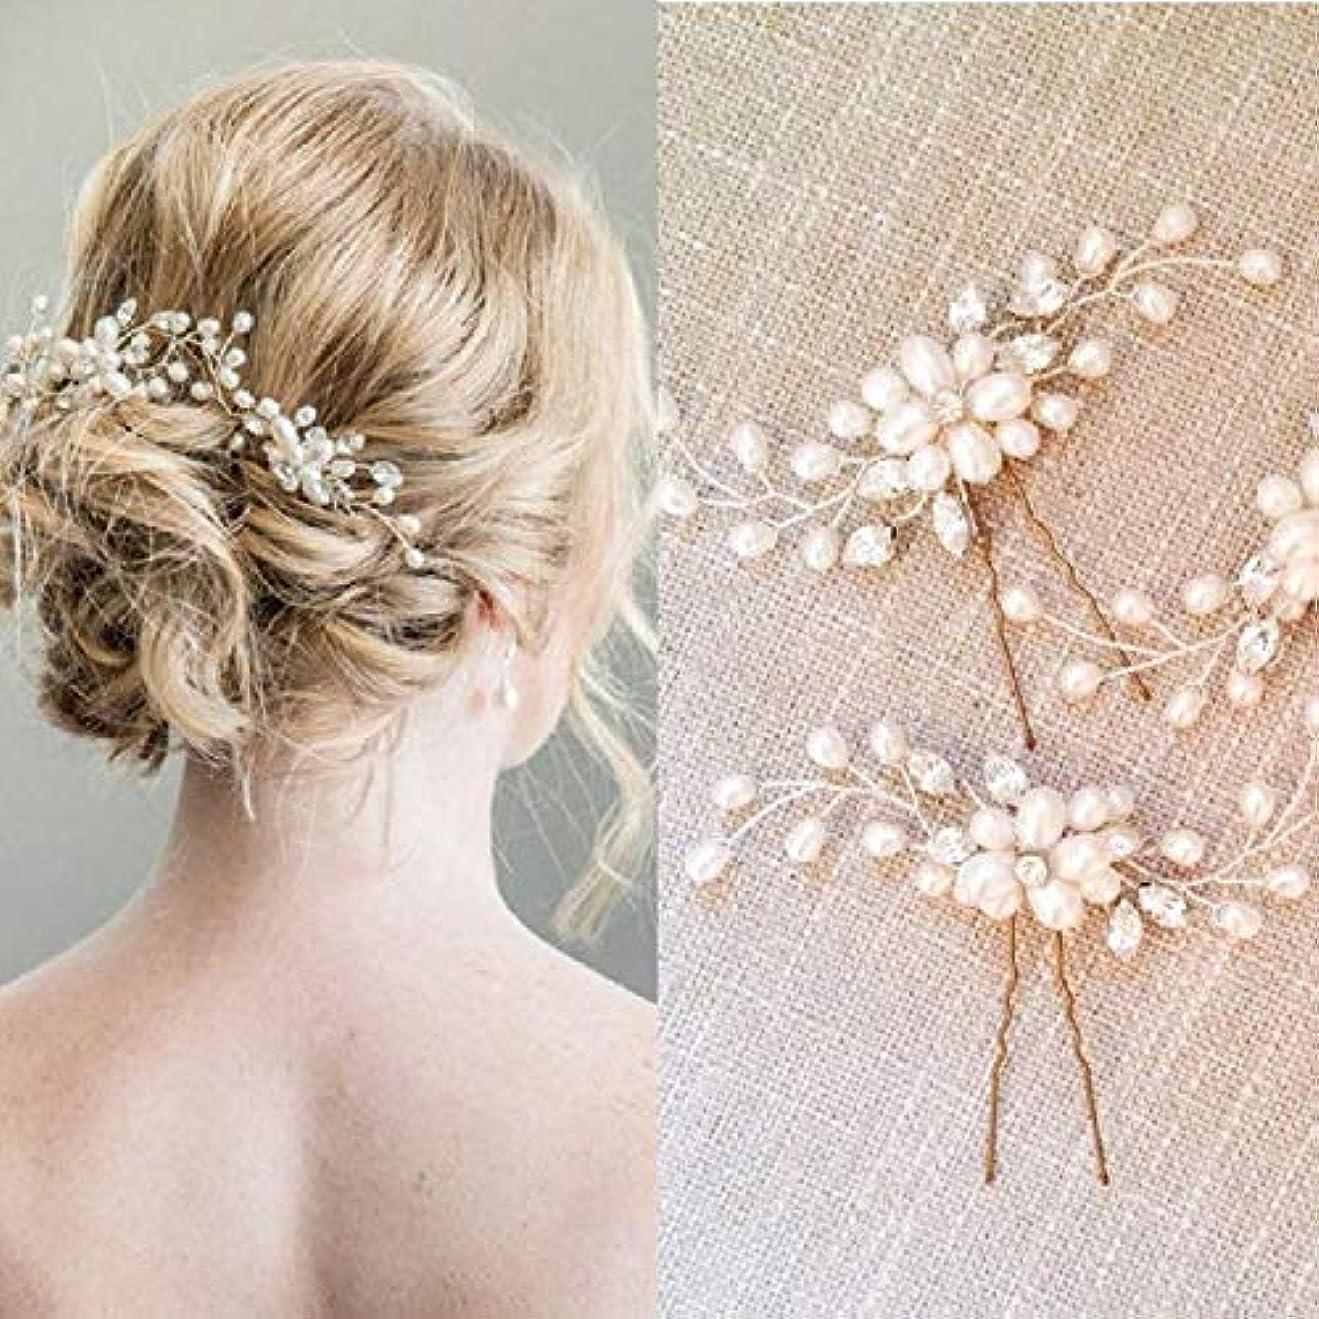 サージ災害傷つけるフラワーヘアピンFlowerHairpin YHM 2ピース祭り結婚式ヘアアクセサリーブライダルヘアスティック花ヘアピン美しいヘッドドレスひだヘアクリップつるアクセサリー